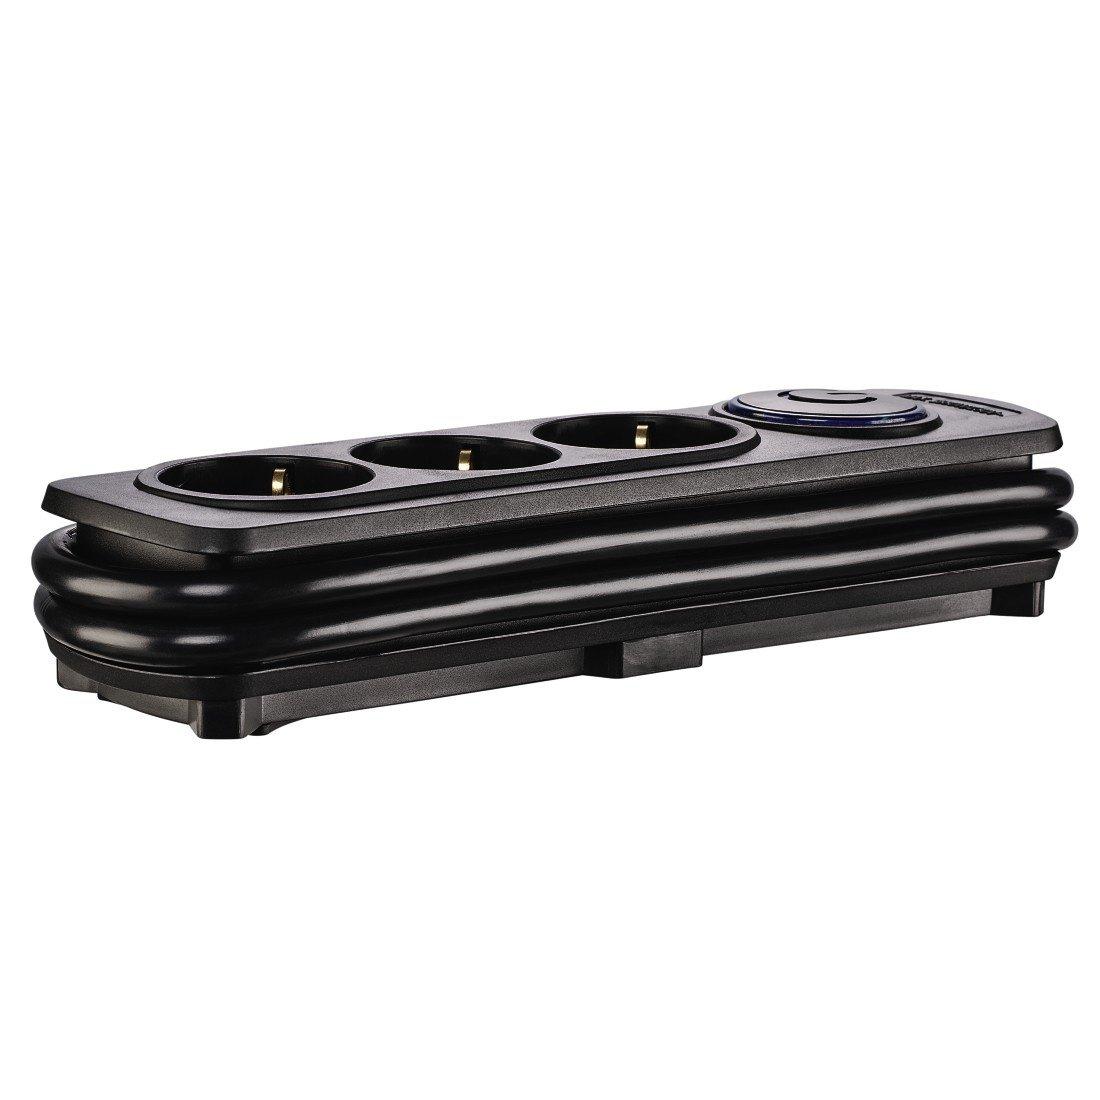 Удлинитель НАМА на 3 розетки, с выключателем, 1,5 м, черный фото 4